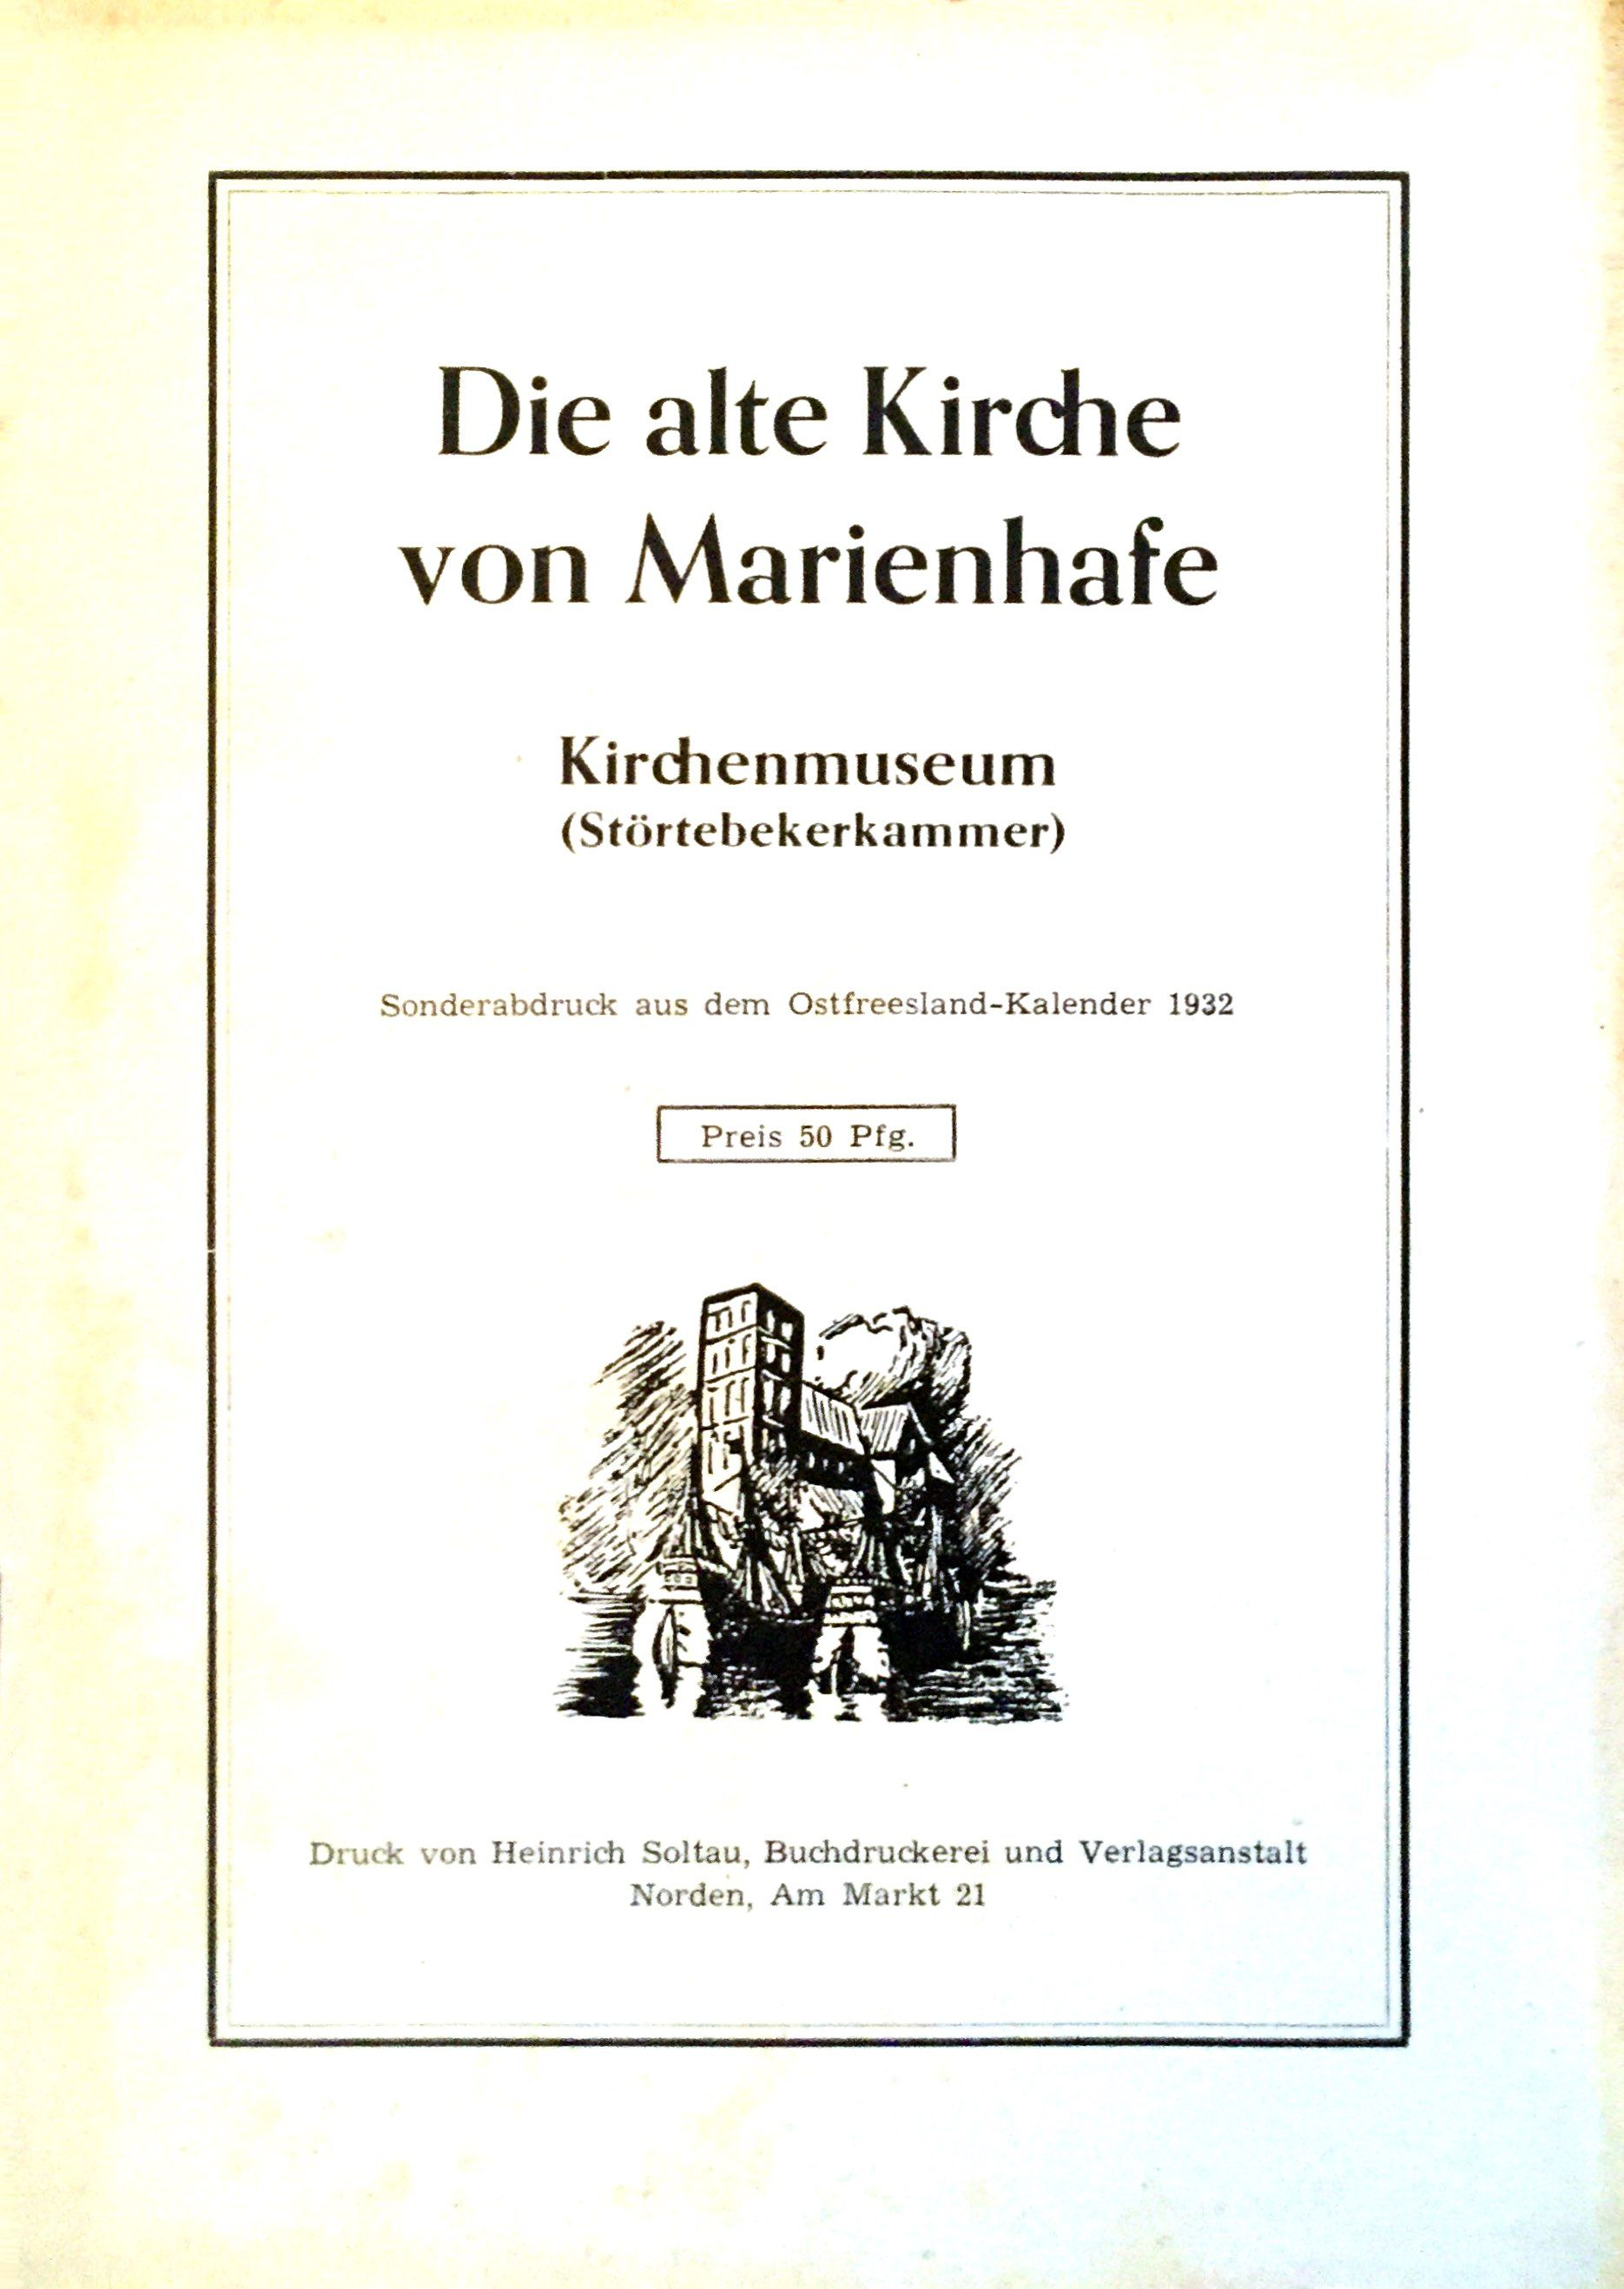 Die alte Kirche zu Marienhafe - Kirchenmuseum: Backer, H.